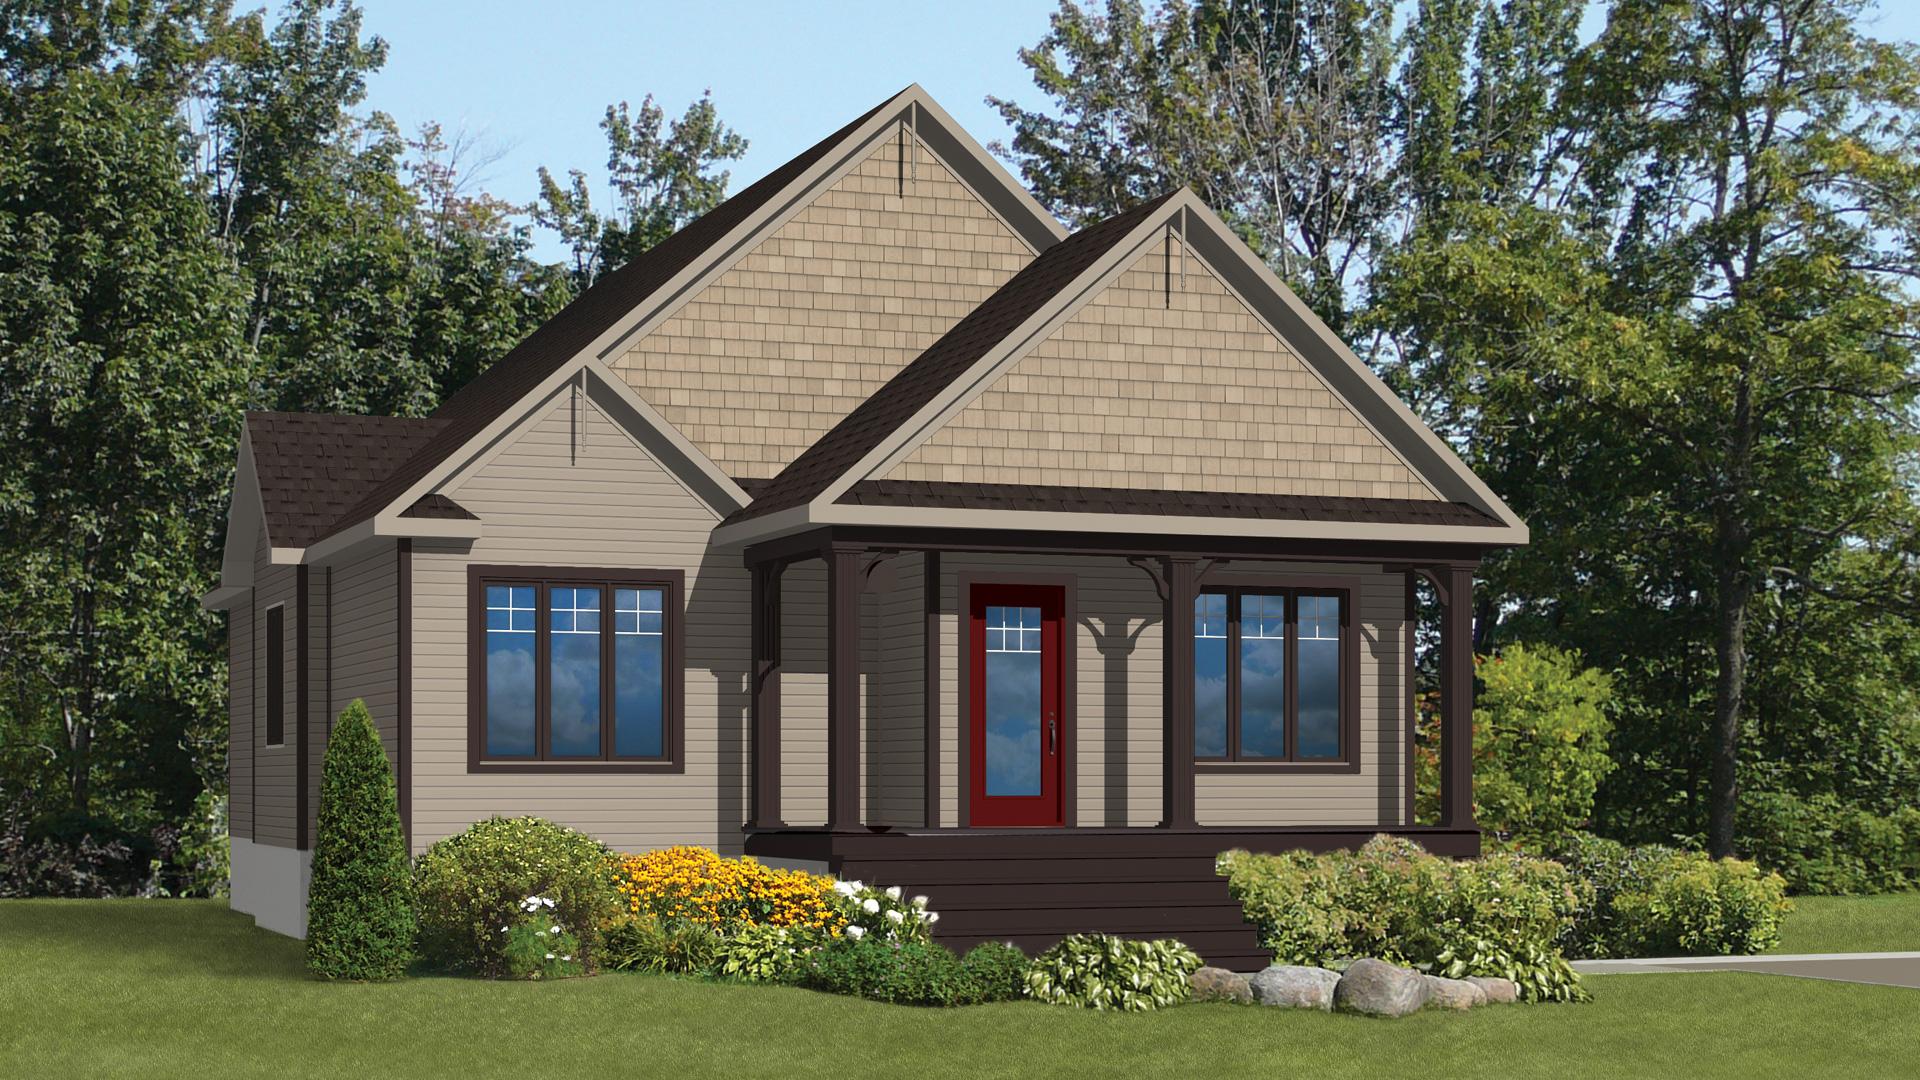 Mod le coralie maison champ tre pro fab constructeur for Modele maison champetre